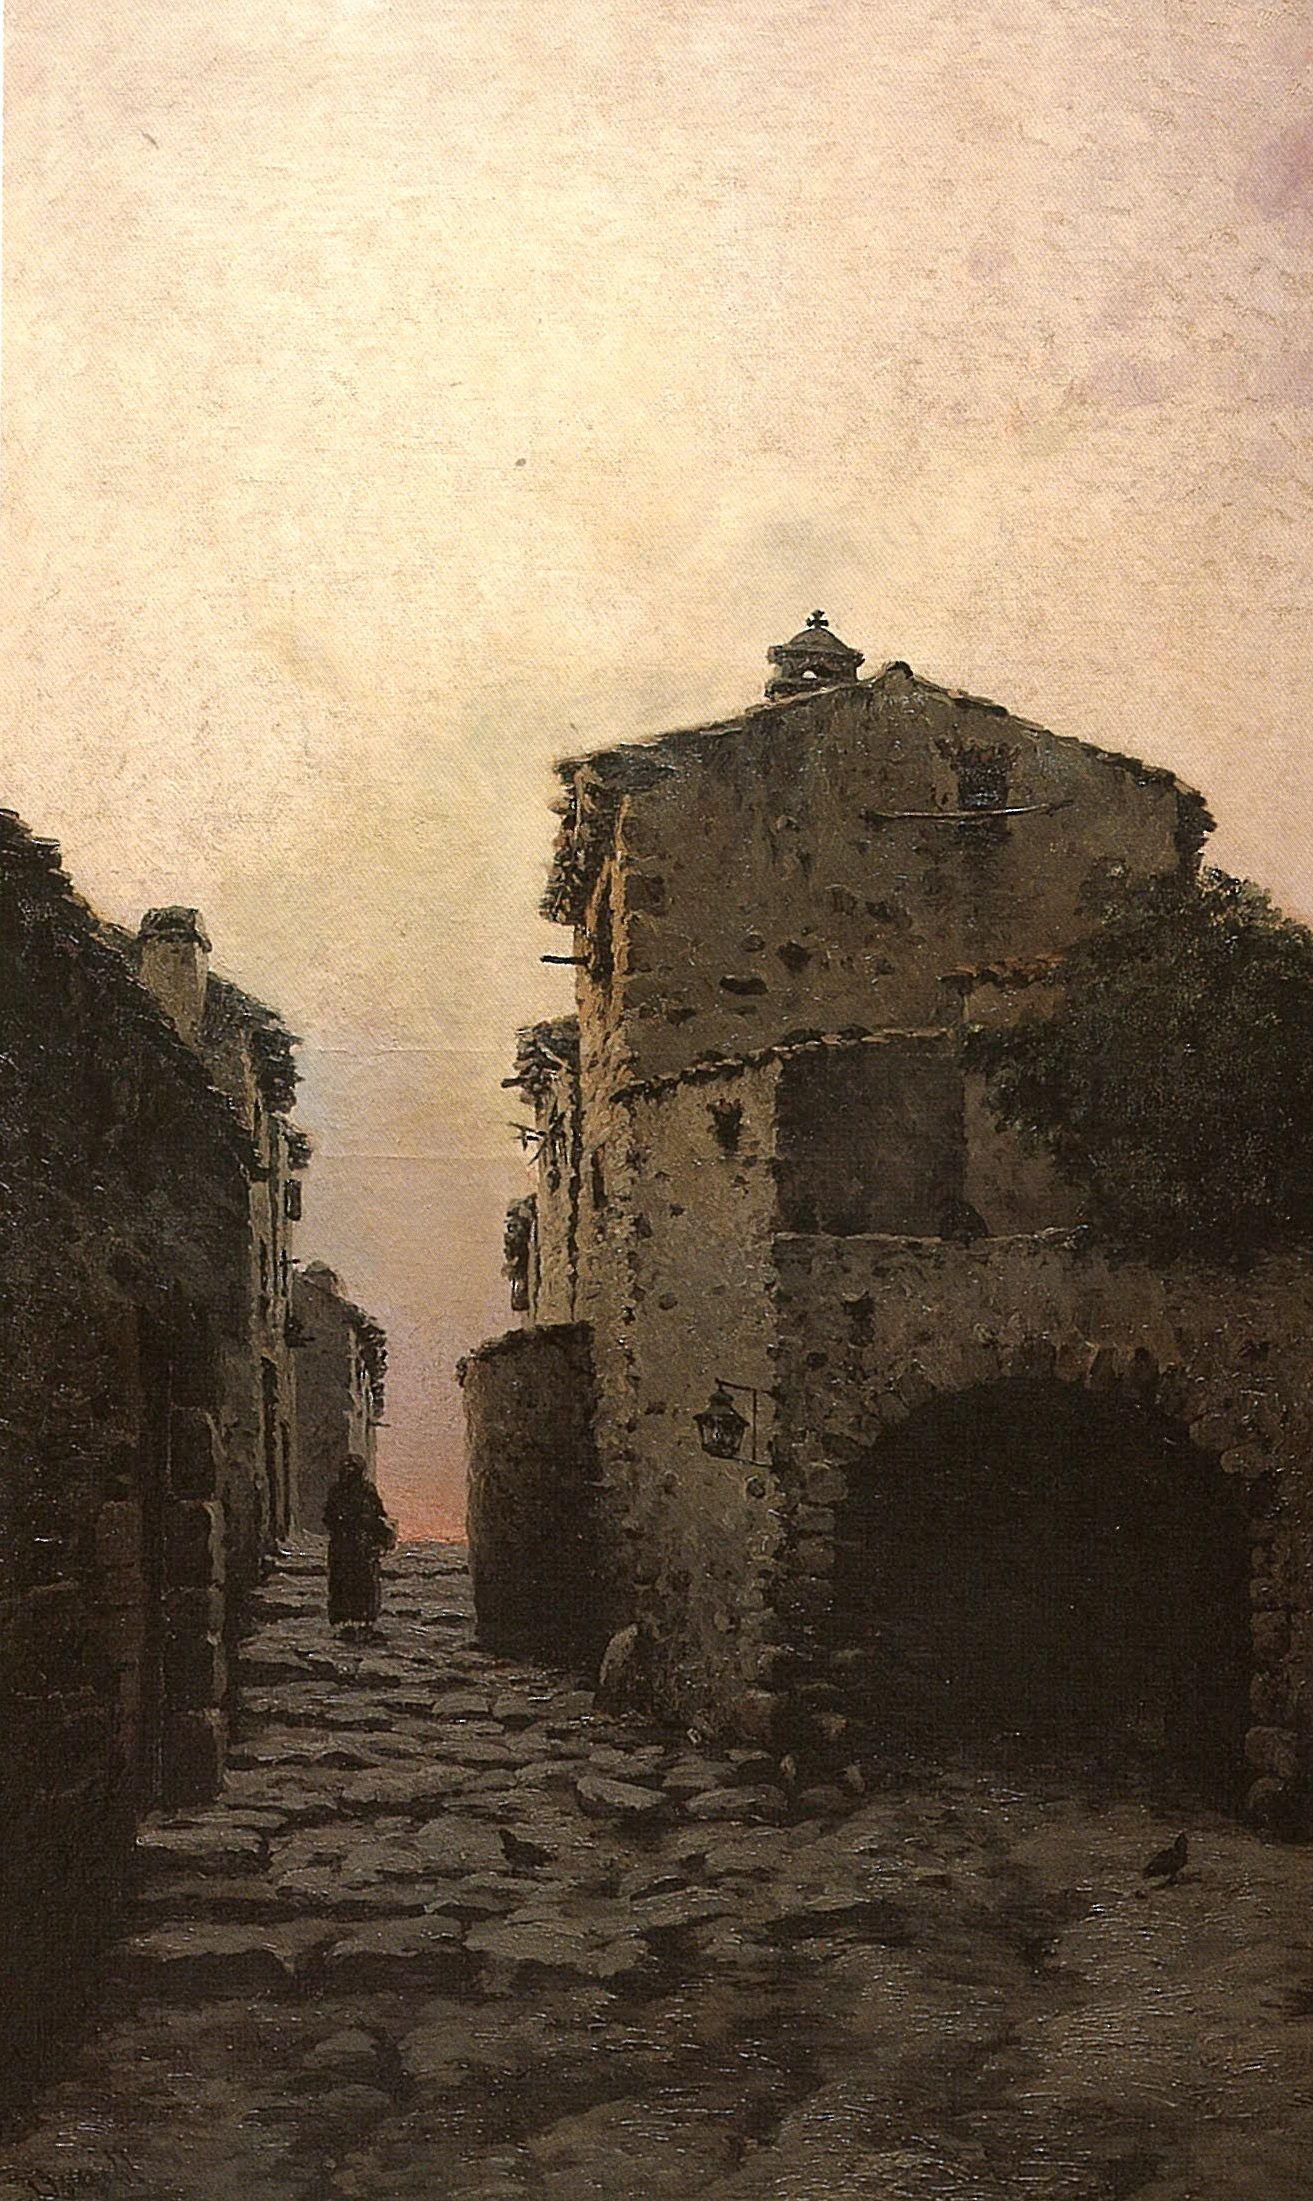 Calle de pueblo', pintado por Modest Urgell en 1886. #Pueblos #Atardecer #España #Tranquilidad